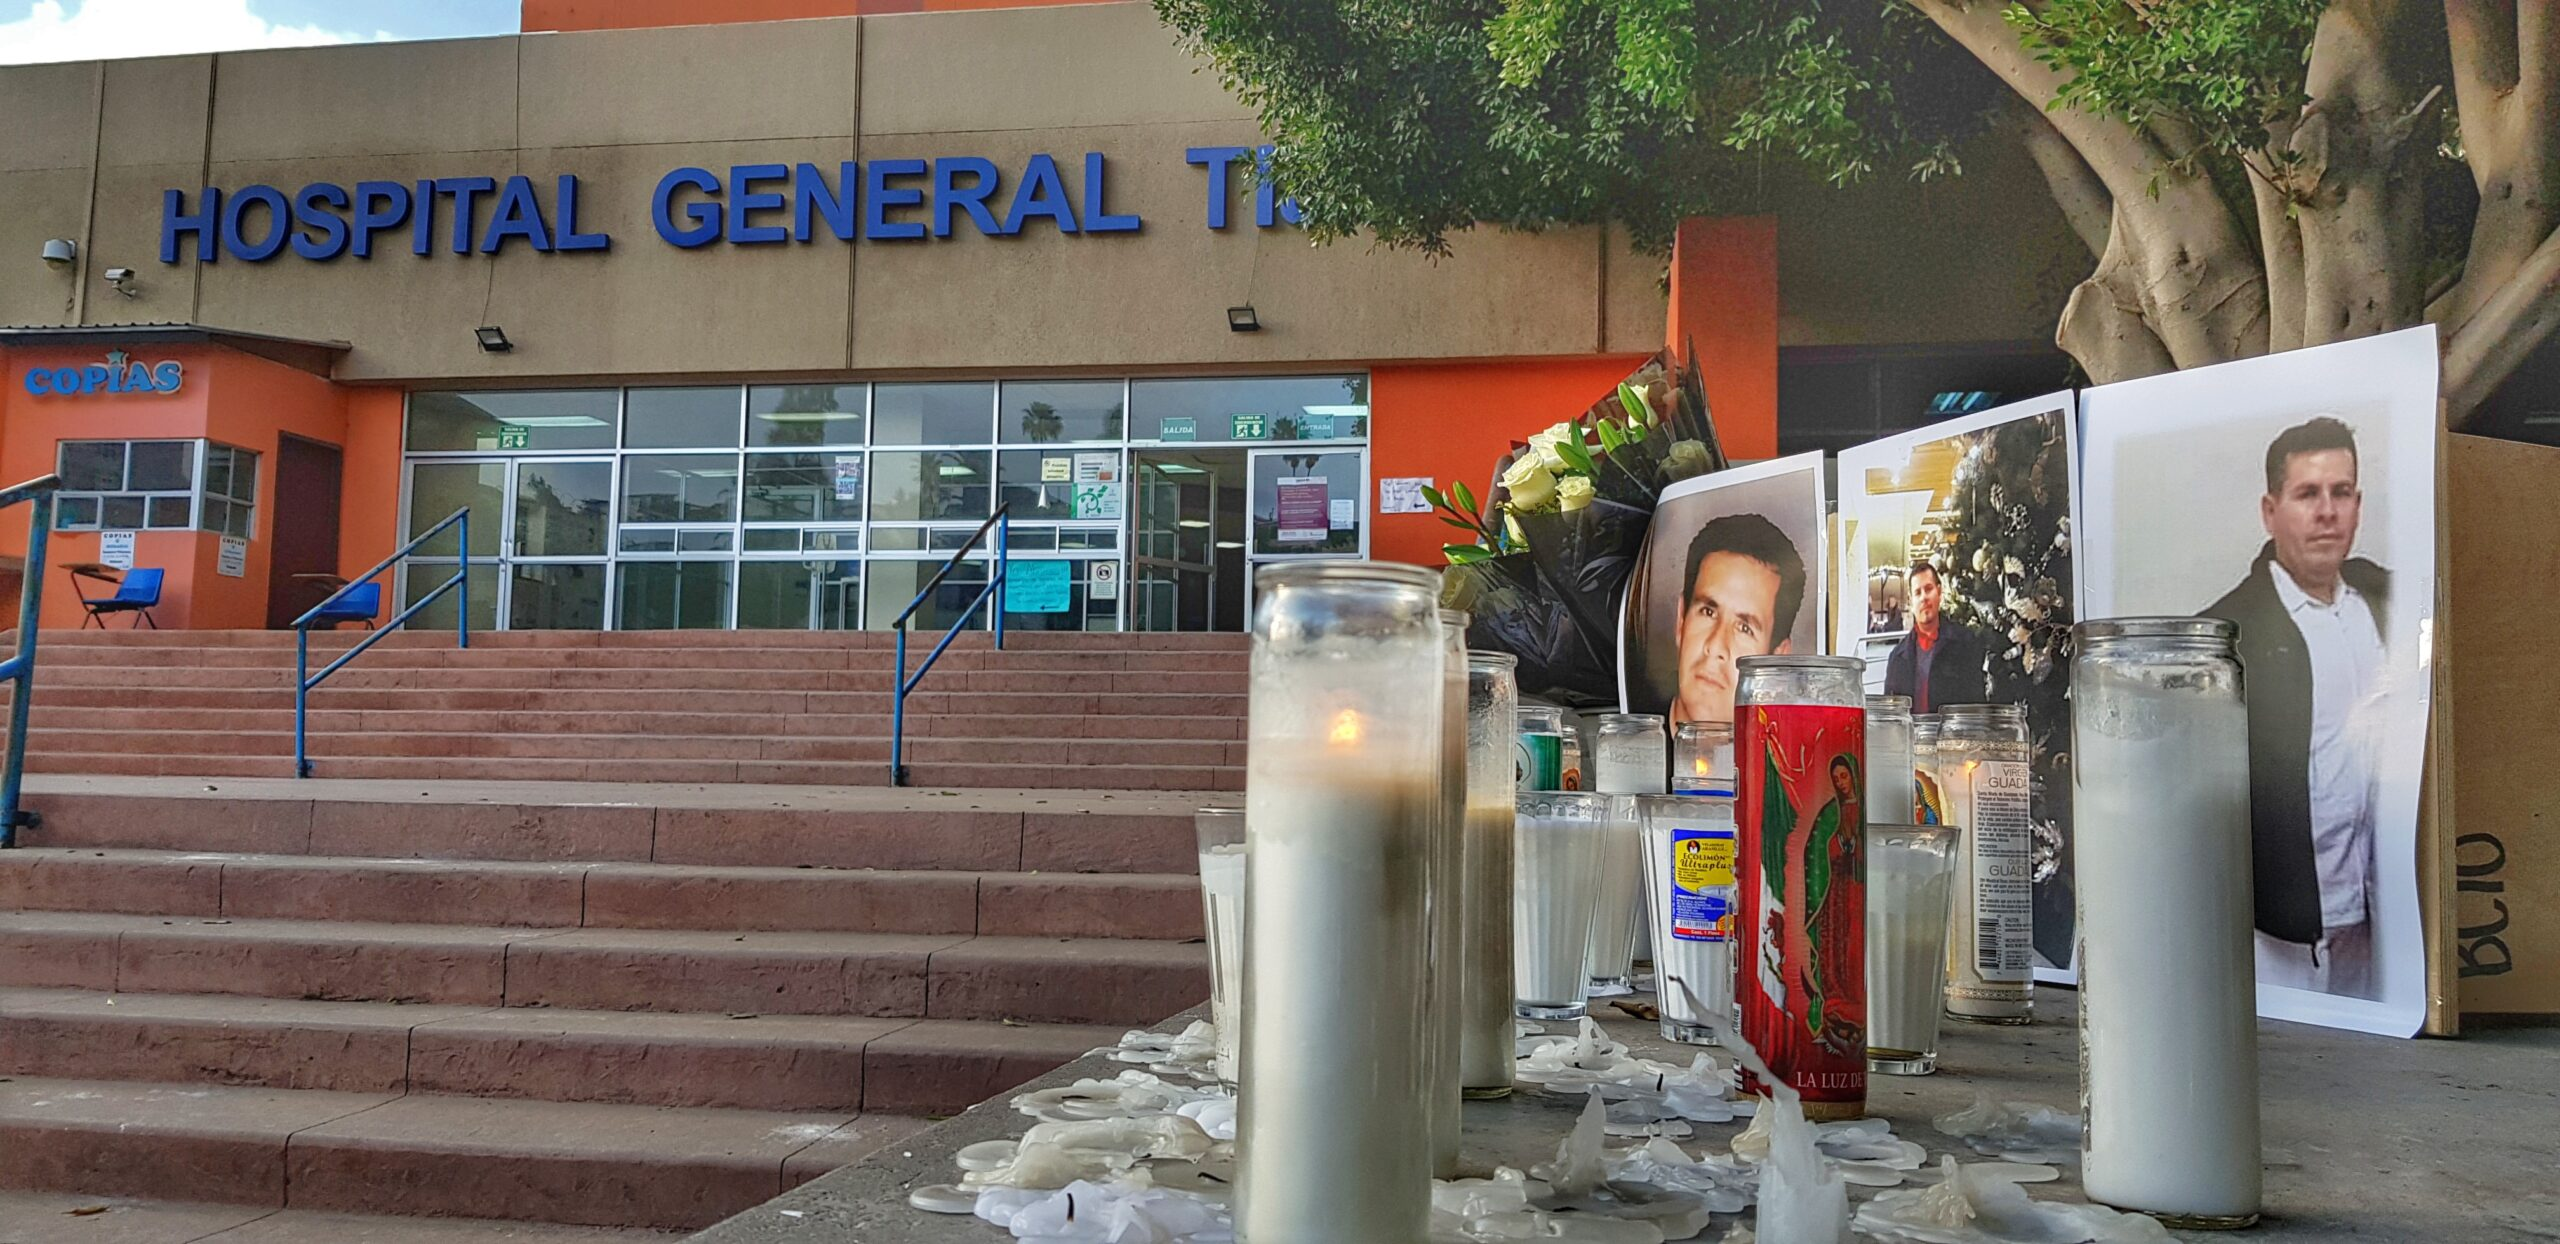 El HGT lamenta el sensible fallecimiento del enfermero Luis García, un guerrero de la salud